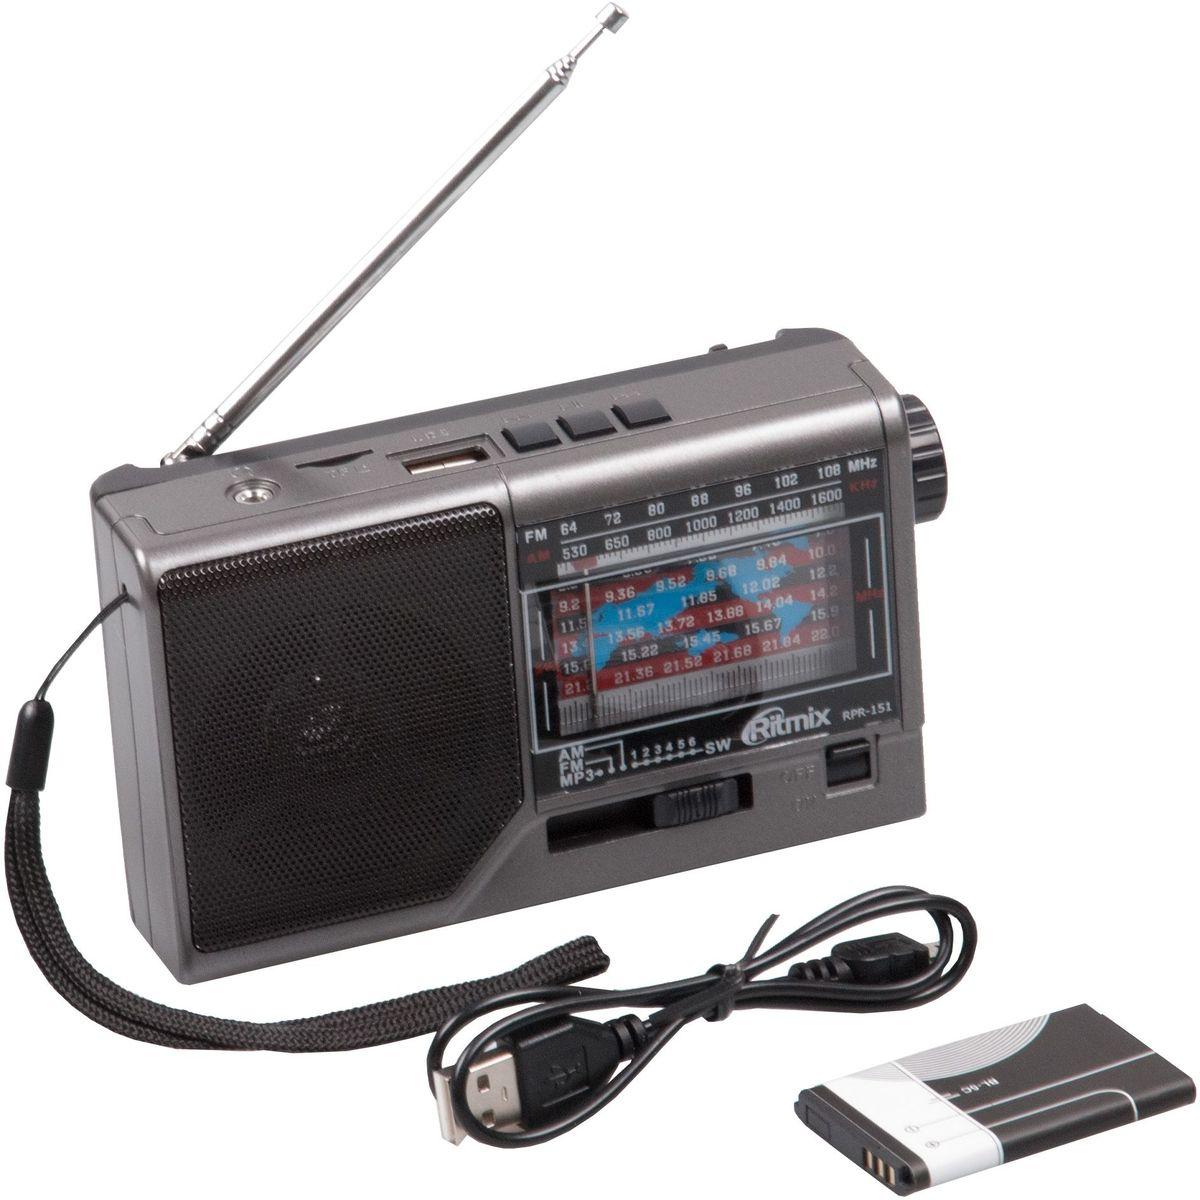 купить Ritmix RPR-151 радиоприемник недорого